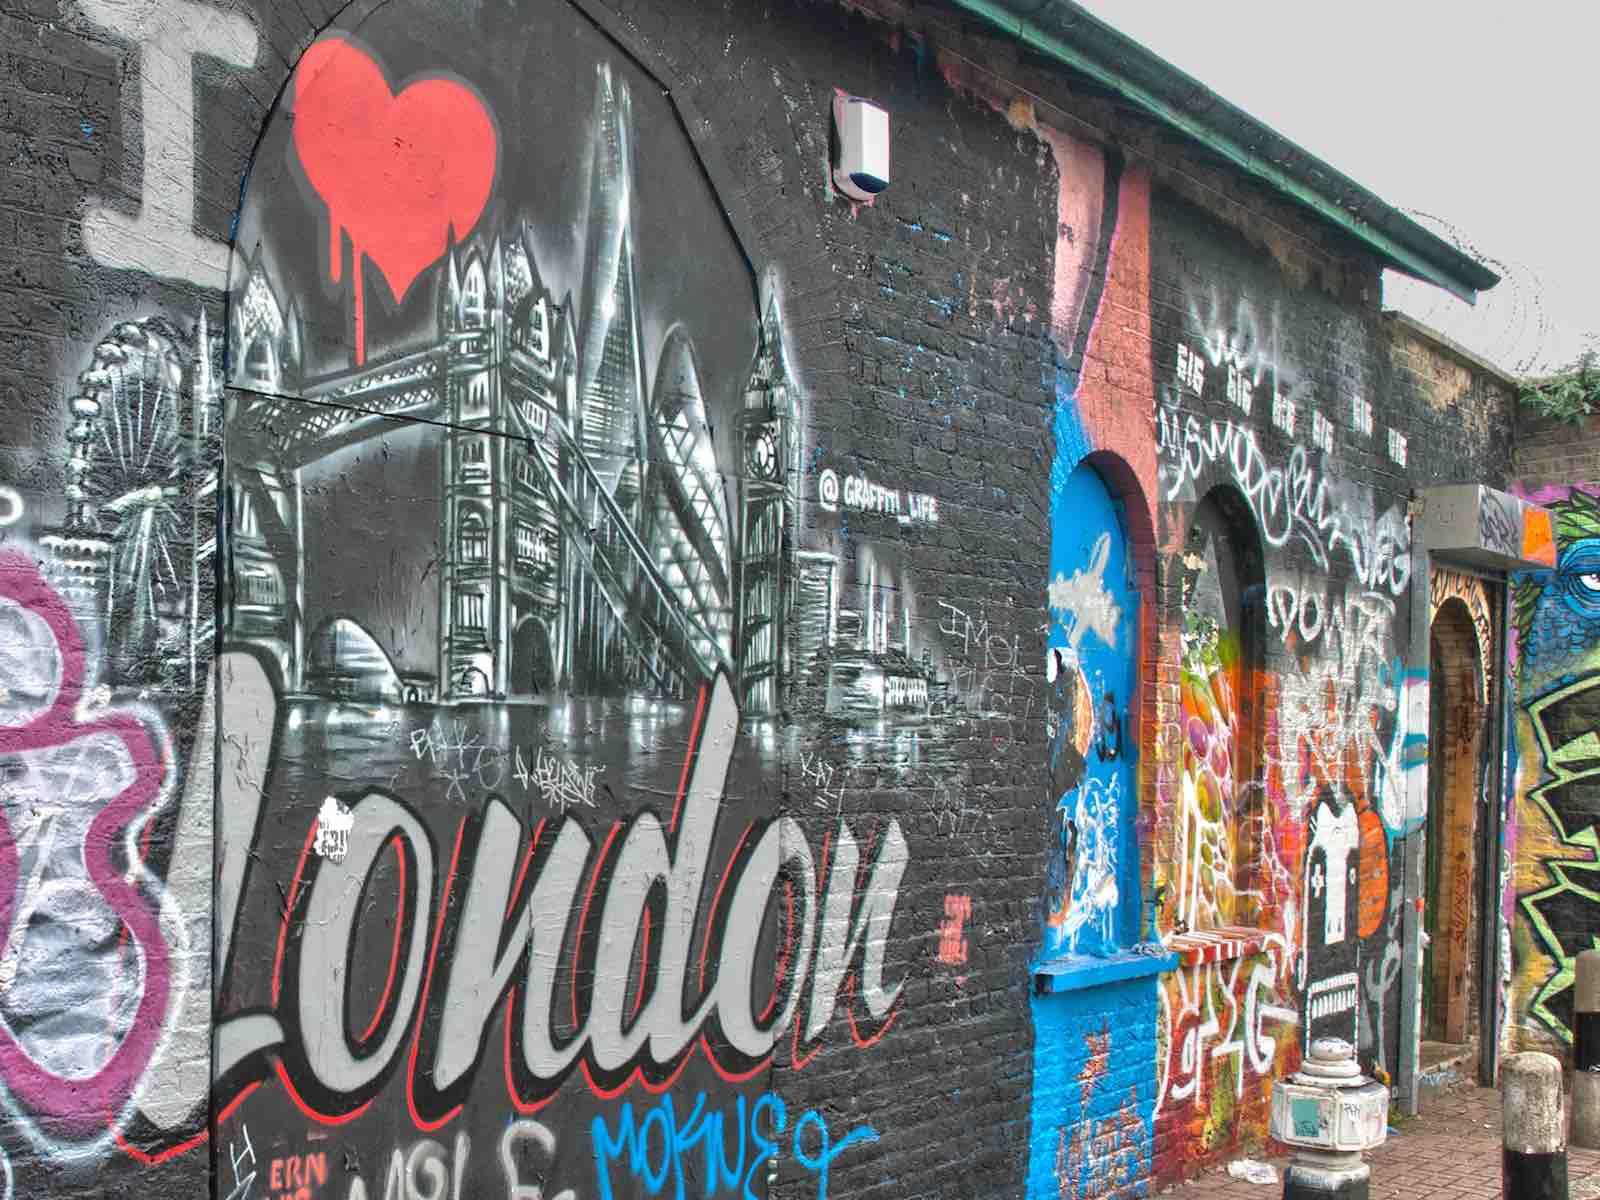 adresjes in Londen